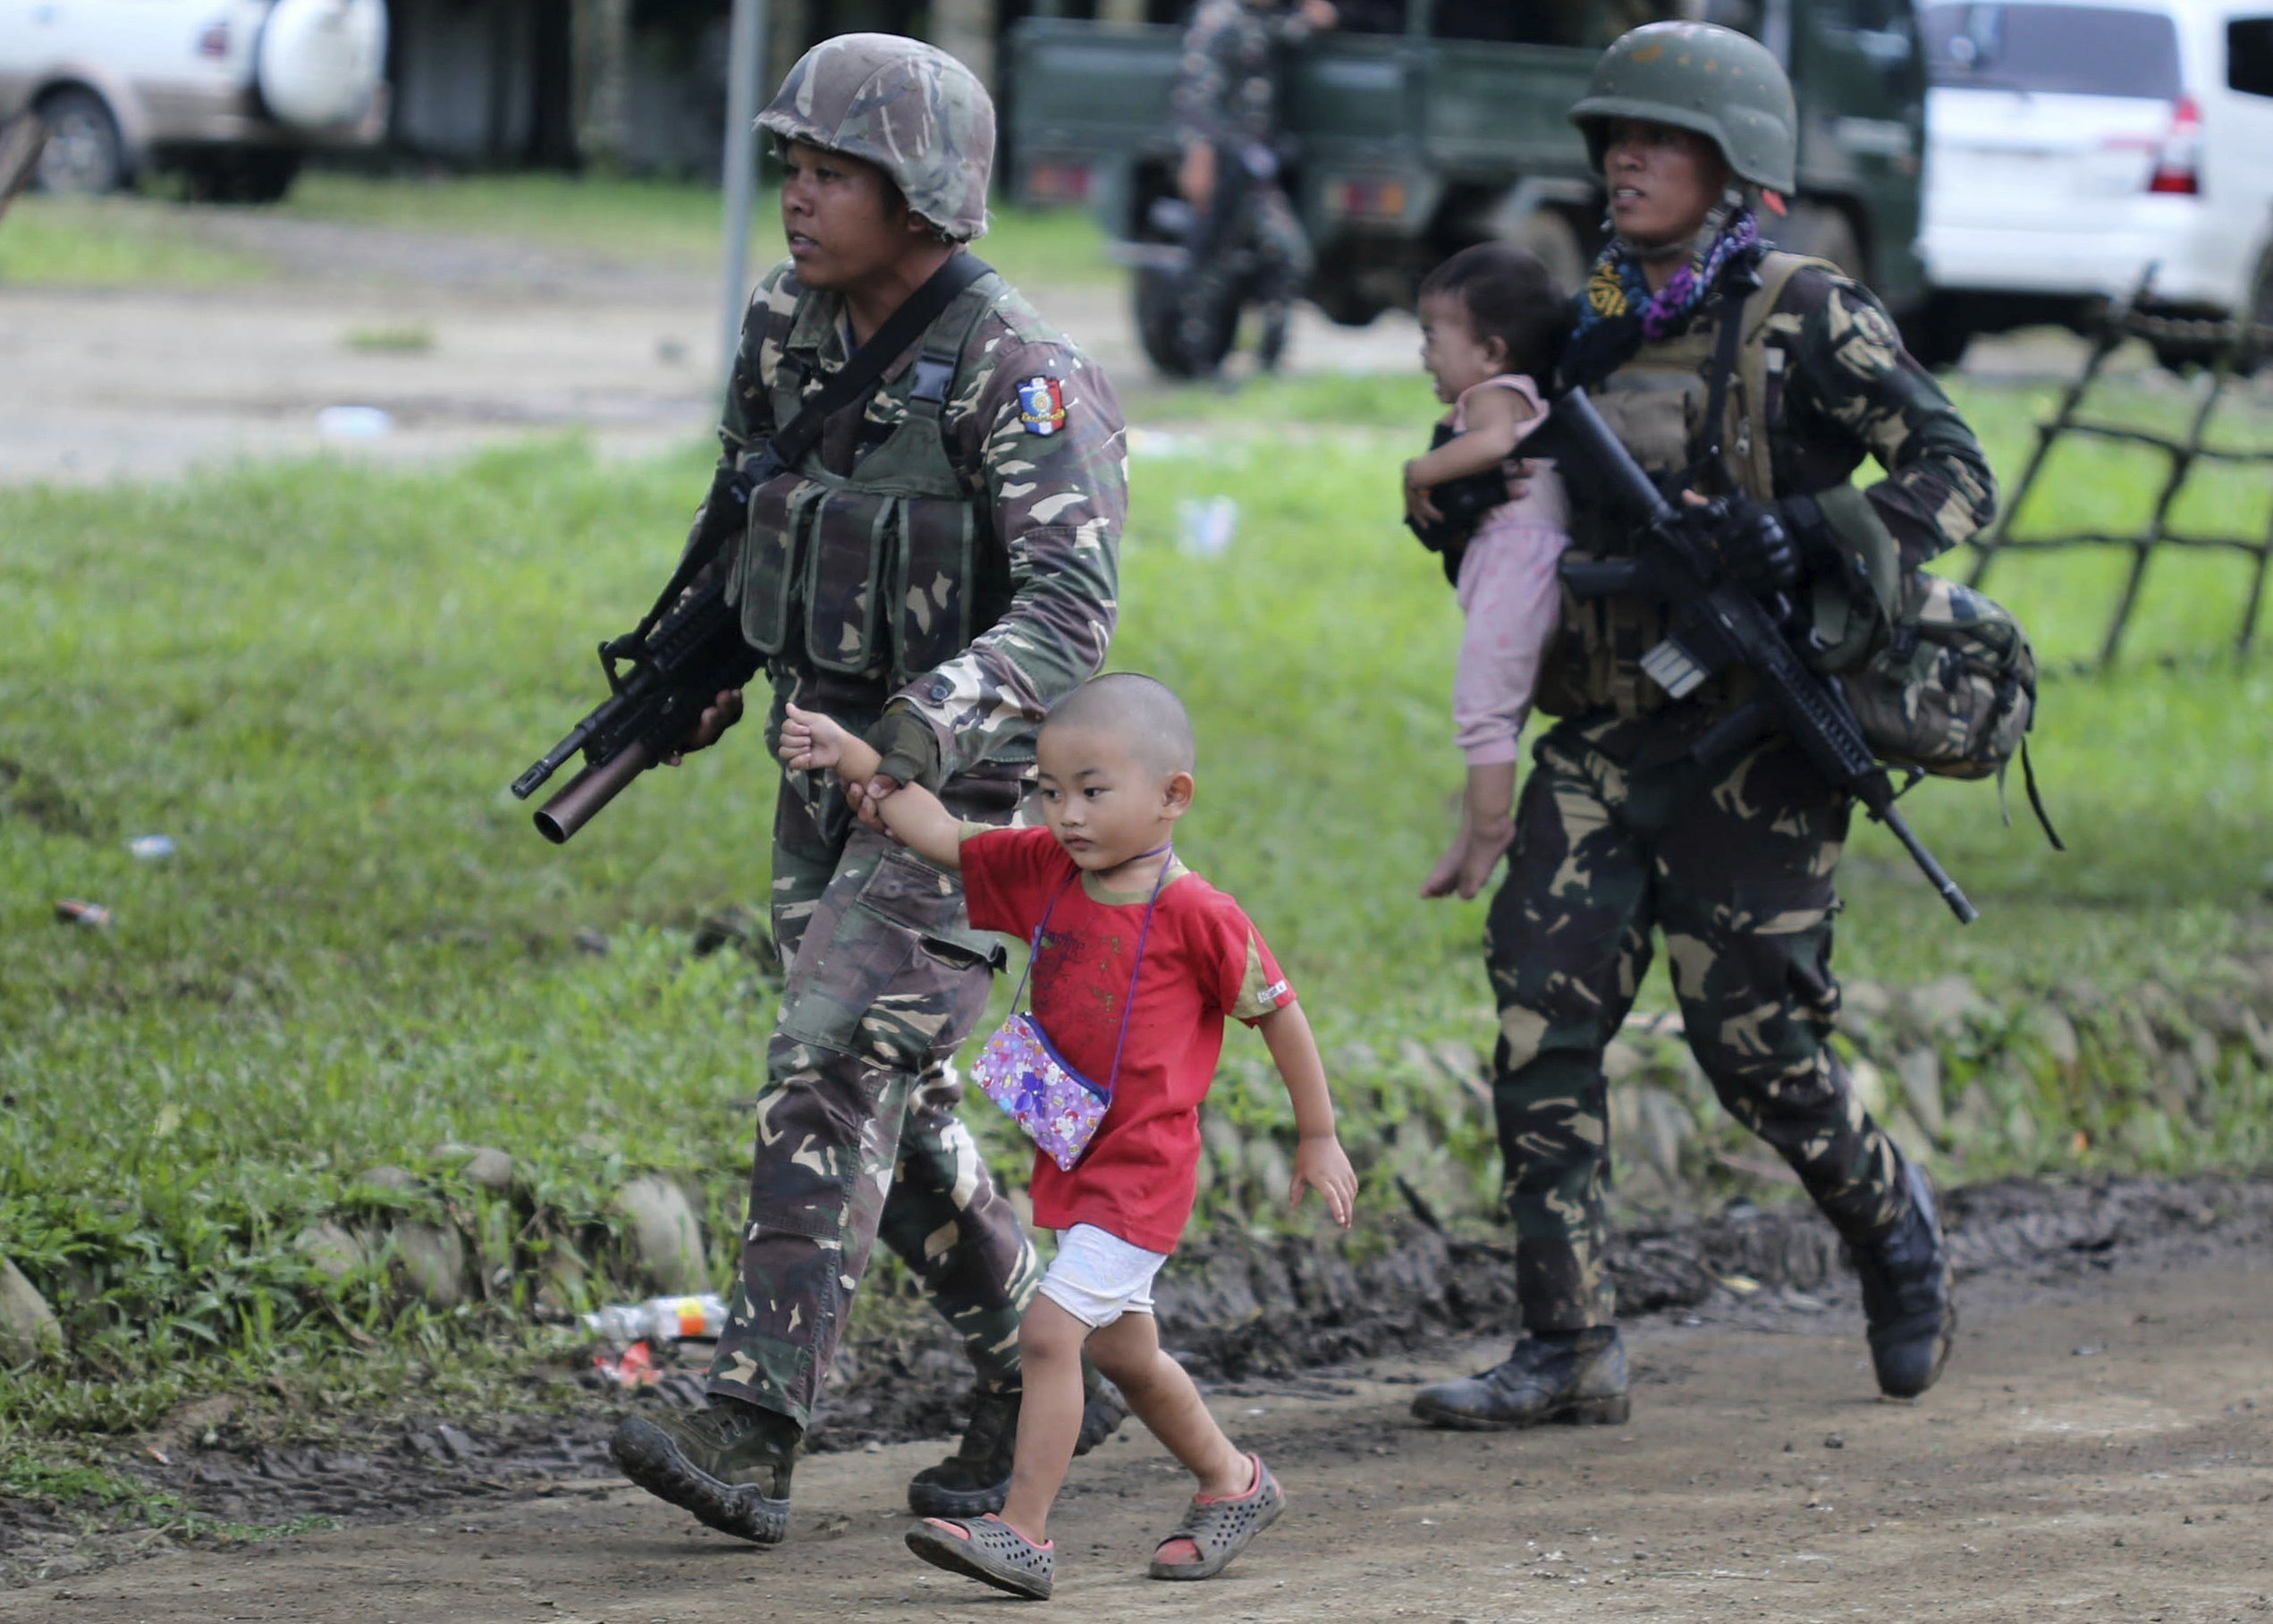 Soldats filipins protegeixen dos nins després dels enfrontaments a la ciutat de Marawi, a Filipines. /LINUS G. ESCANDOR II